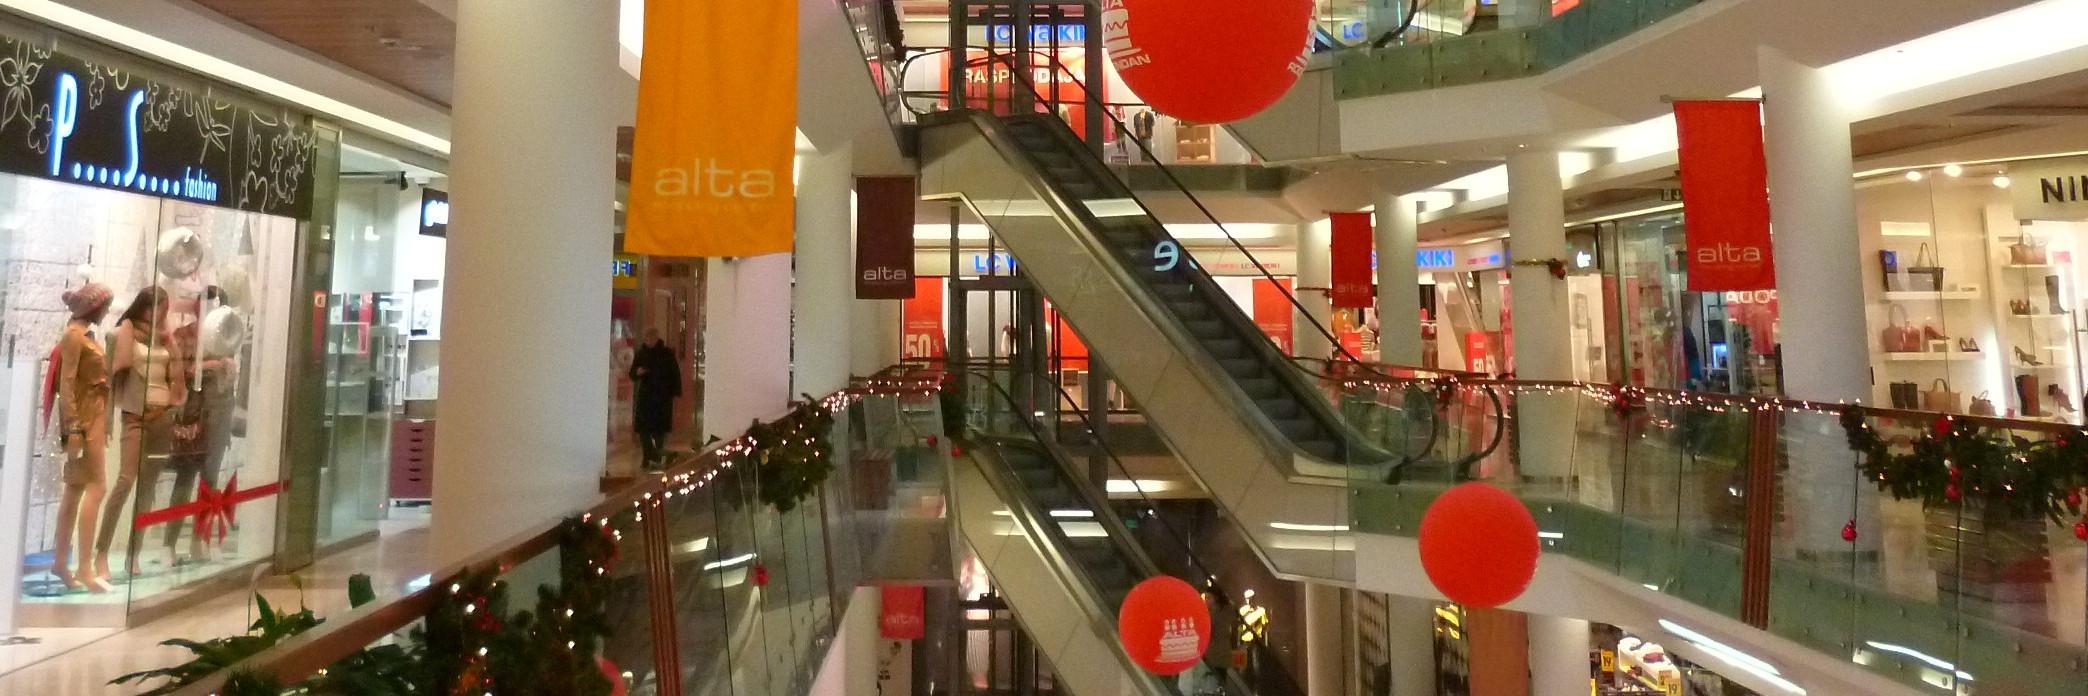 Покупки в Сараеве